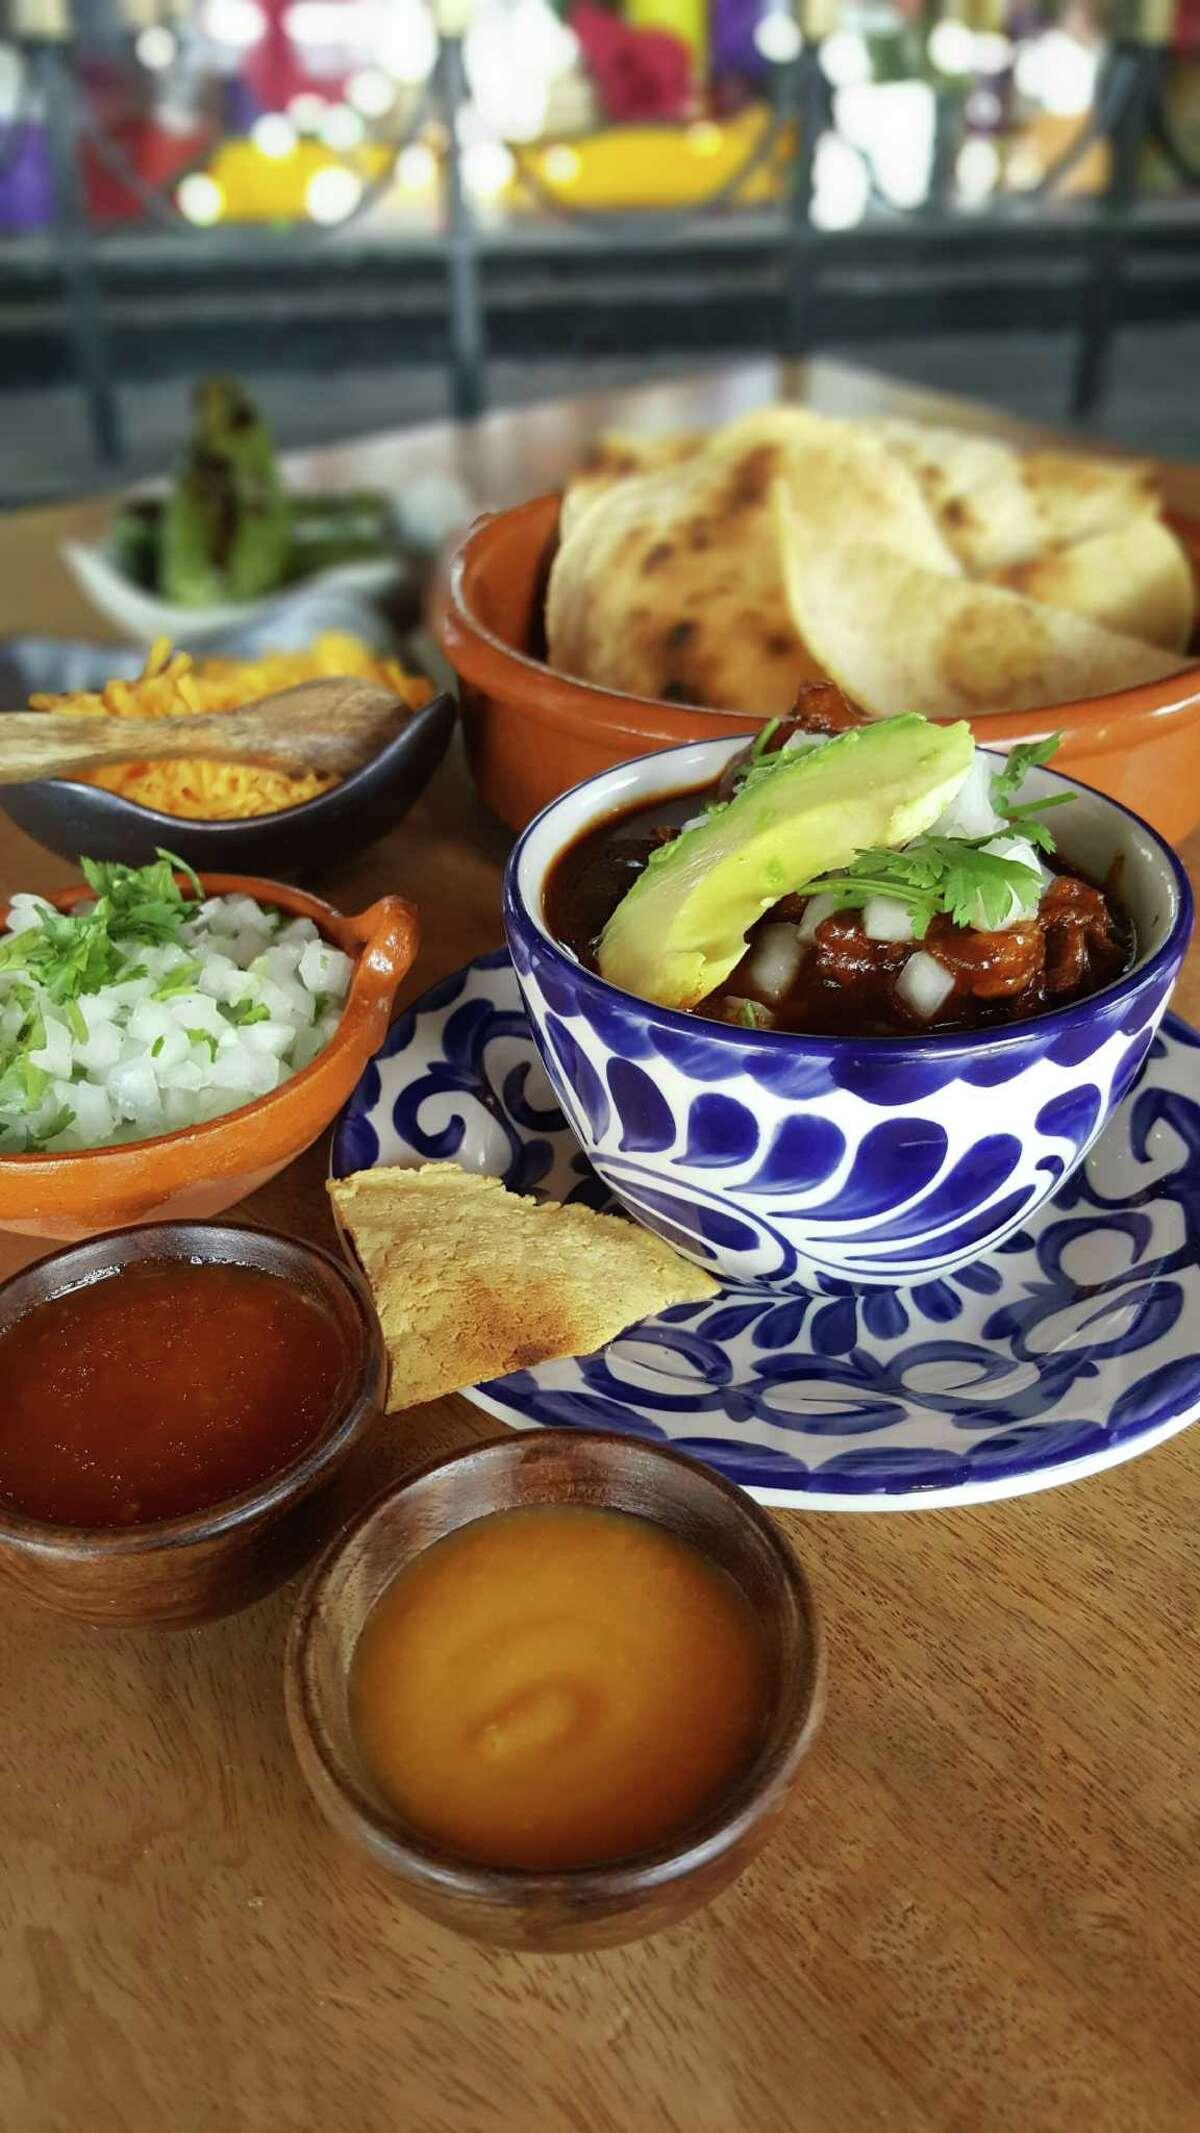 Mi Tierra Cafe & Bakery: 218 Produce Row Open 24 hours